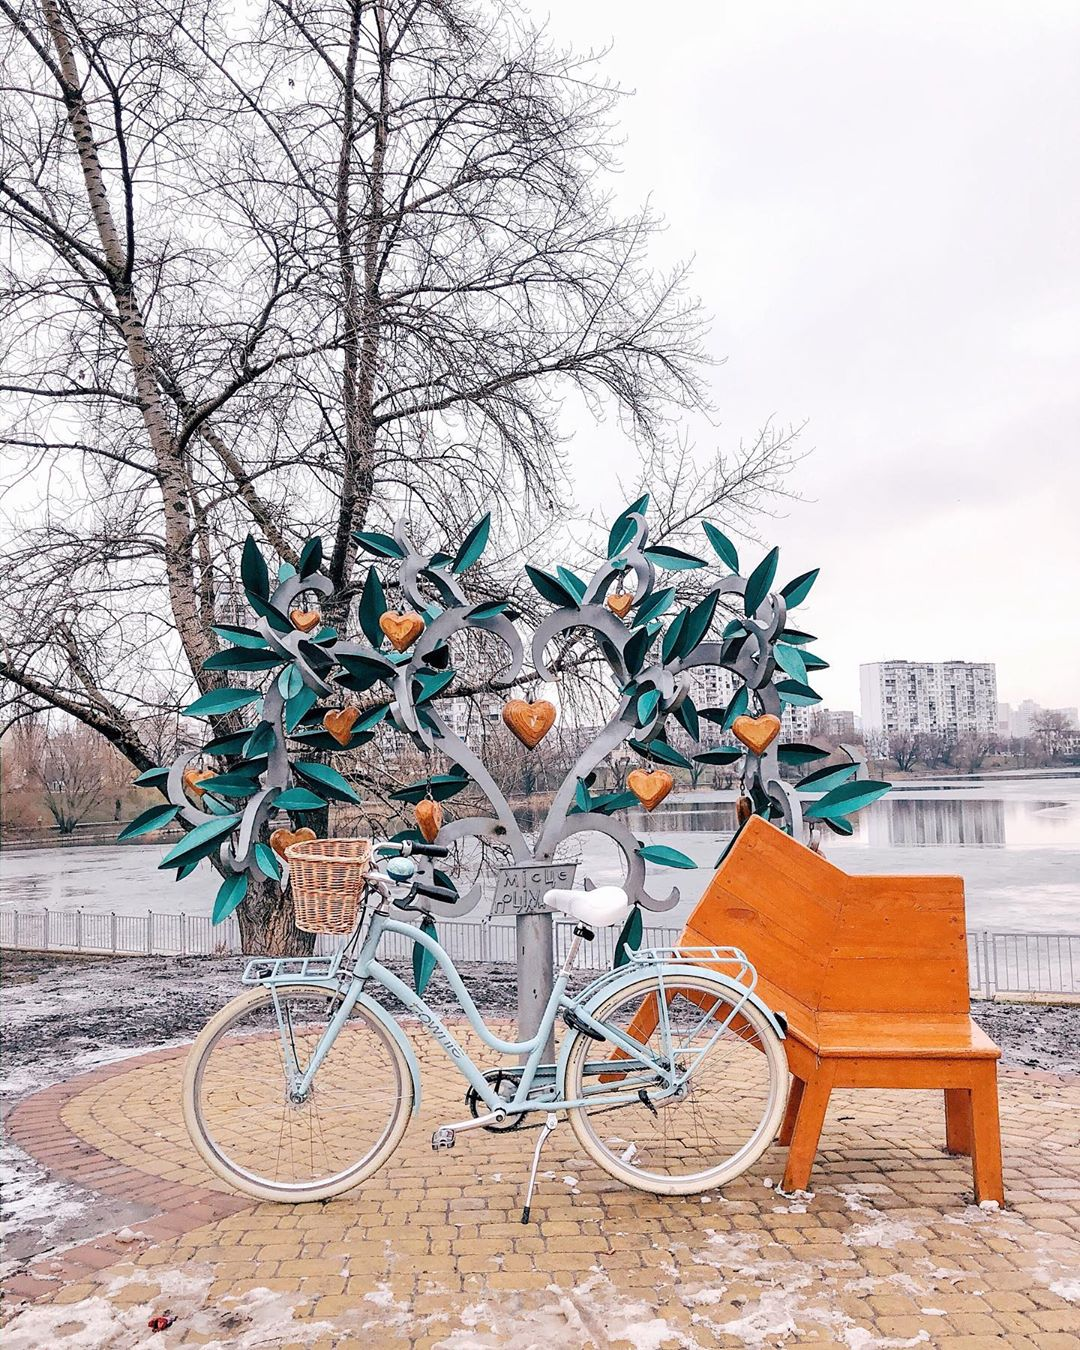 К тому же, нынешняя зима - отличный повод для вот таких снимков с велосипедом. Фото - @nastia_koriak